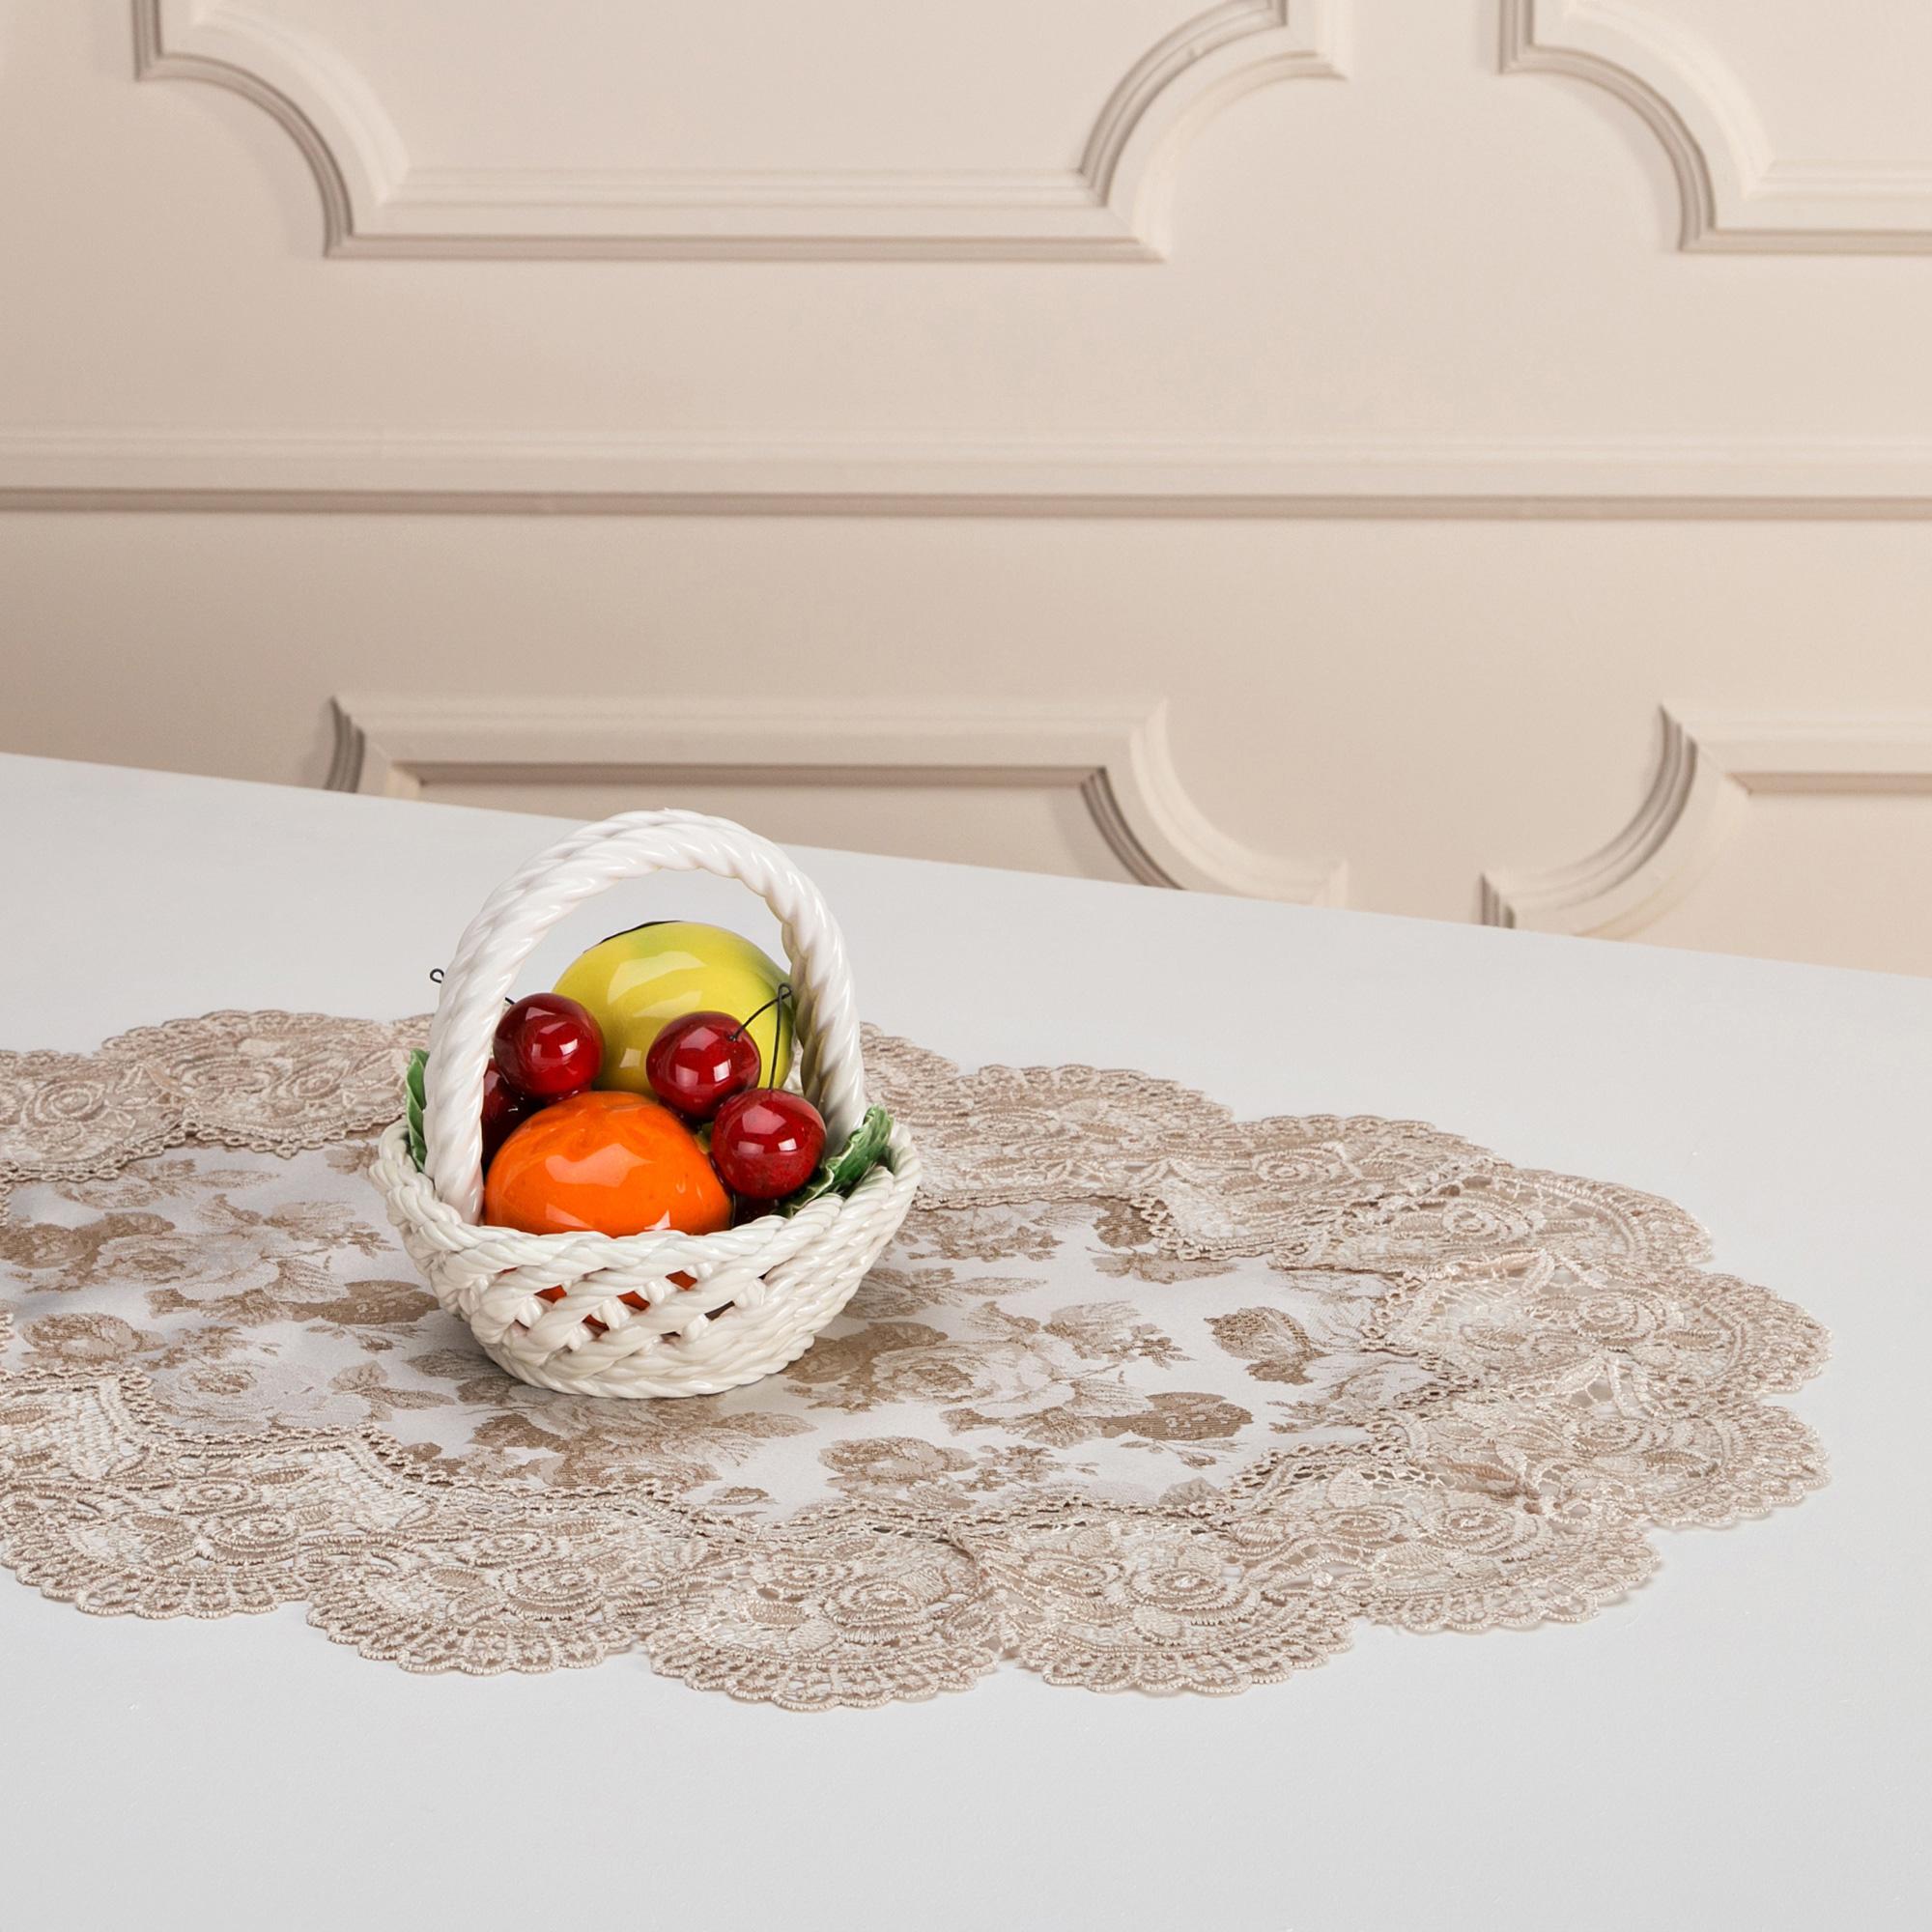 Скатерти и салфетки Arti-M Салфетки Merari (40х60 см) фигура садовая девочка клубничка 25 х 30 х 55 см